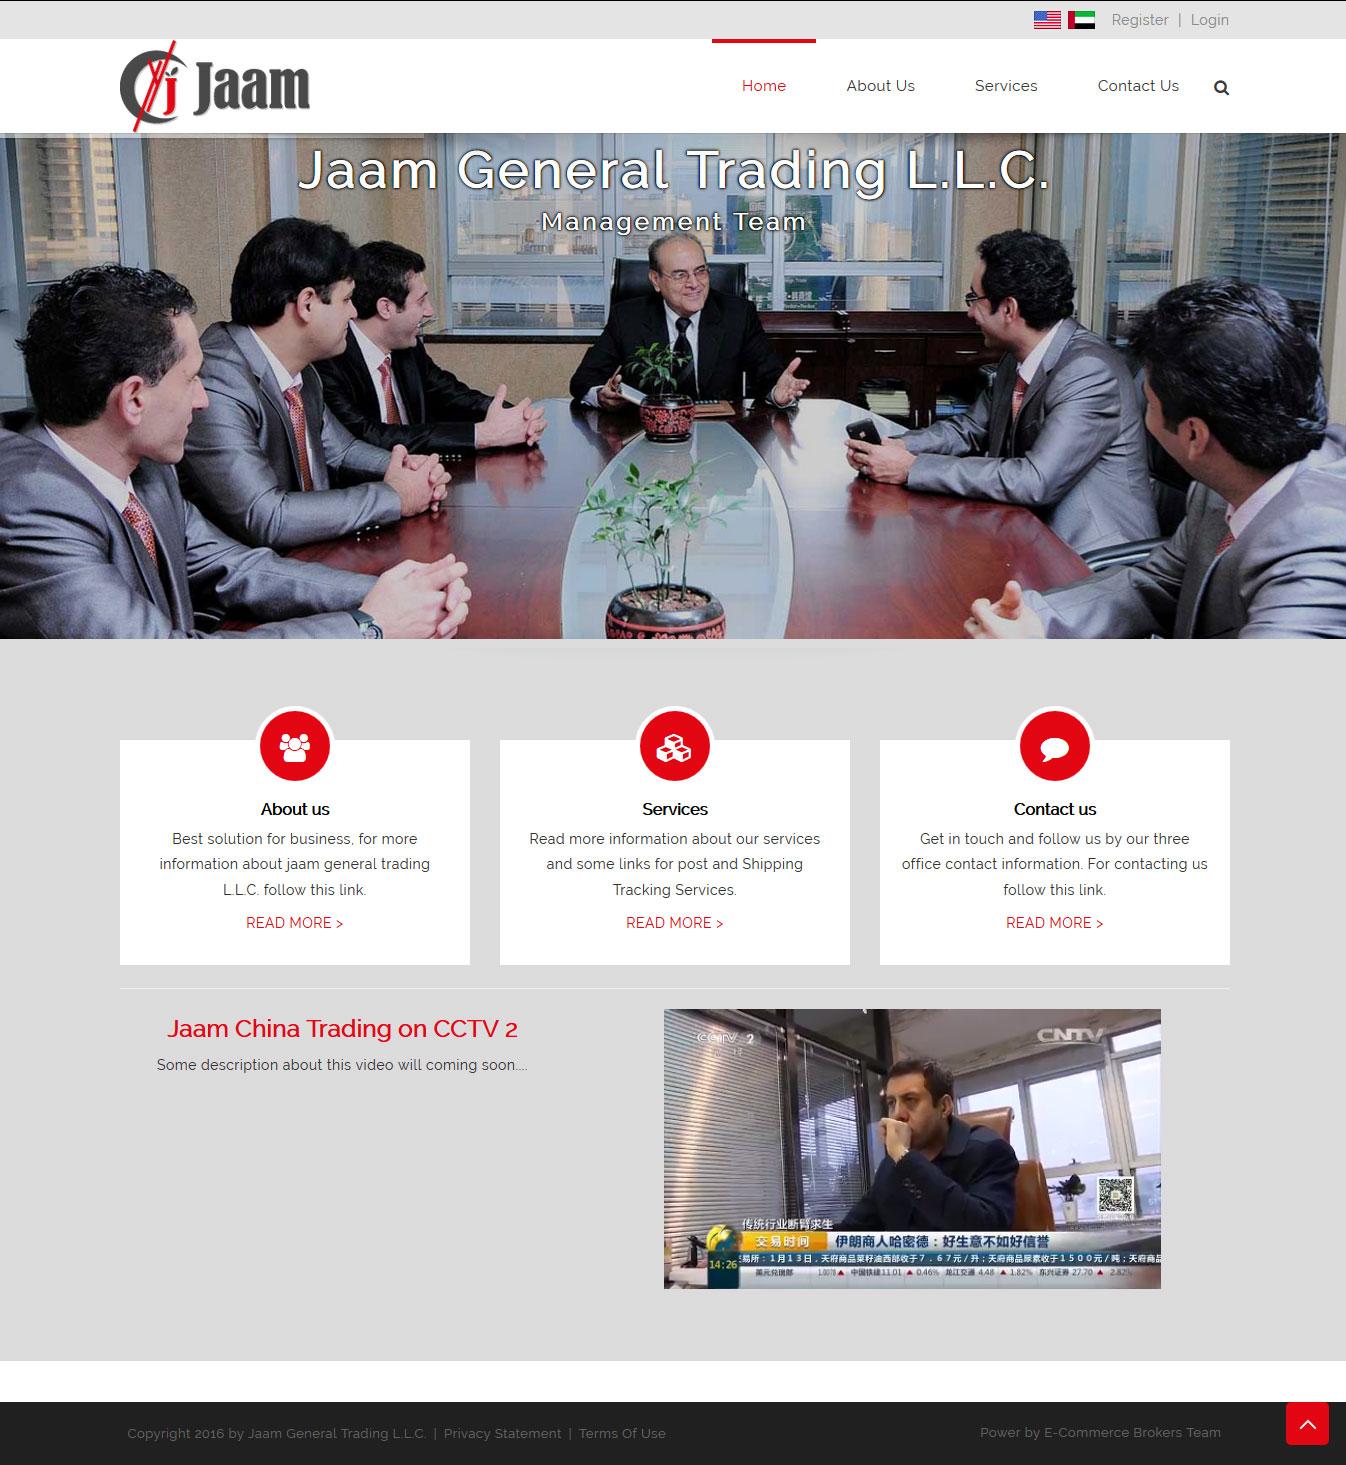 تصویری از صفحه نخست وبسایت جام چاینا، شرکت Jaam General Trading چین